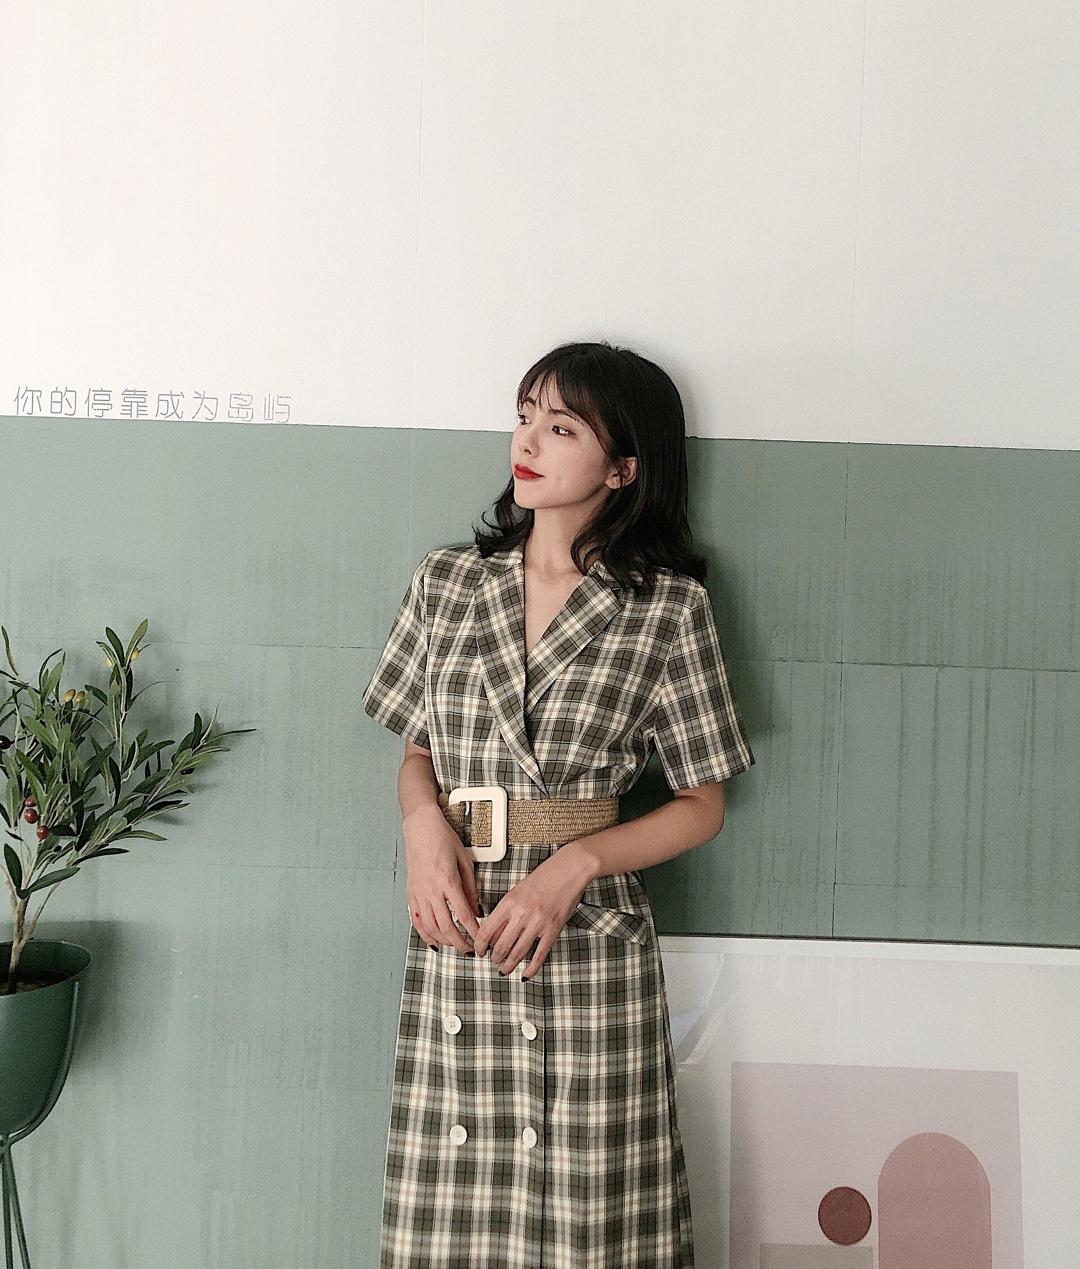 """#""""一件出门""""也能美得很~# 夏天真的很喜欢一件出门  复古格纹连衣裙  气质又大方 今年流行的绿色系加上格纹元素 怎么看都不腻 约会必备 百穿不厌"""